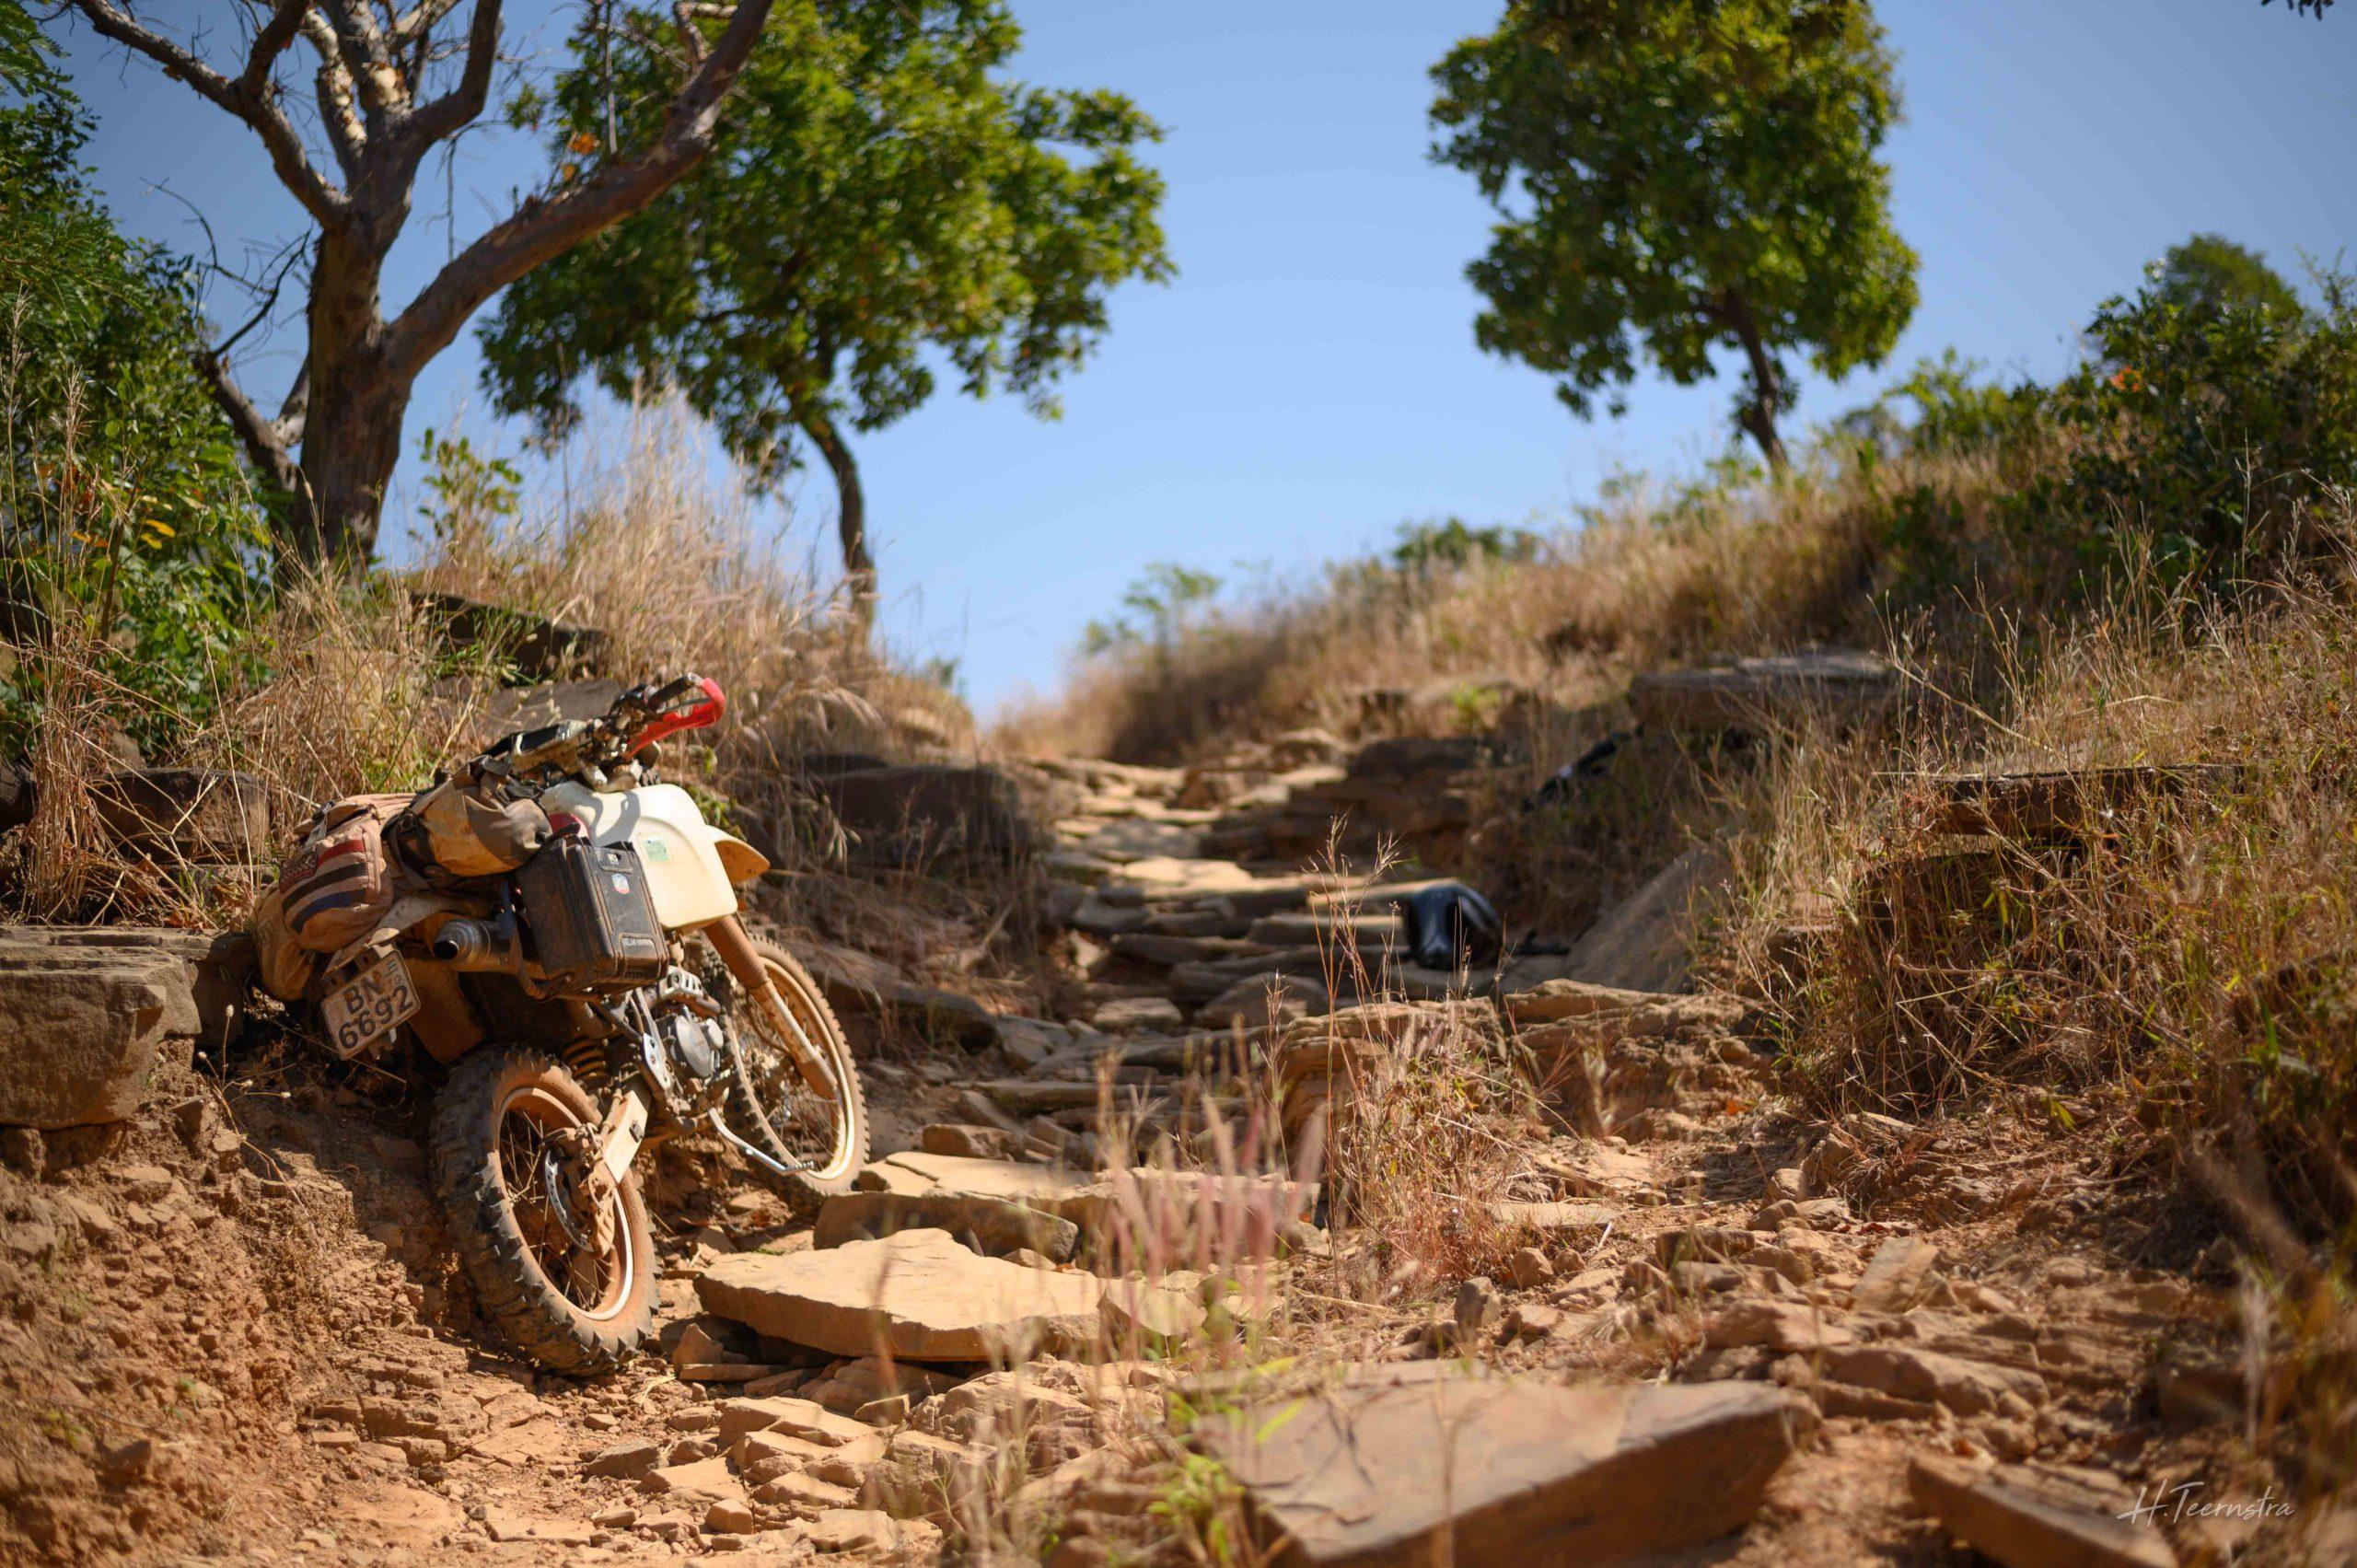 Motorcycle adventure mecca